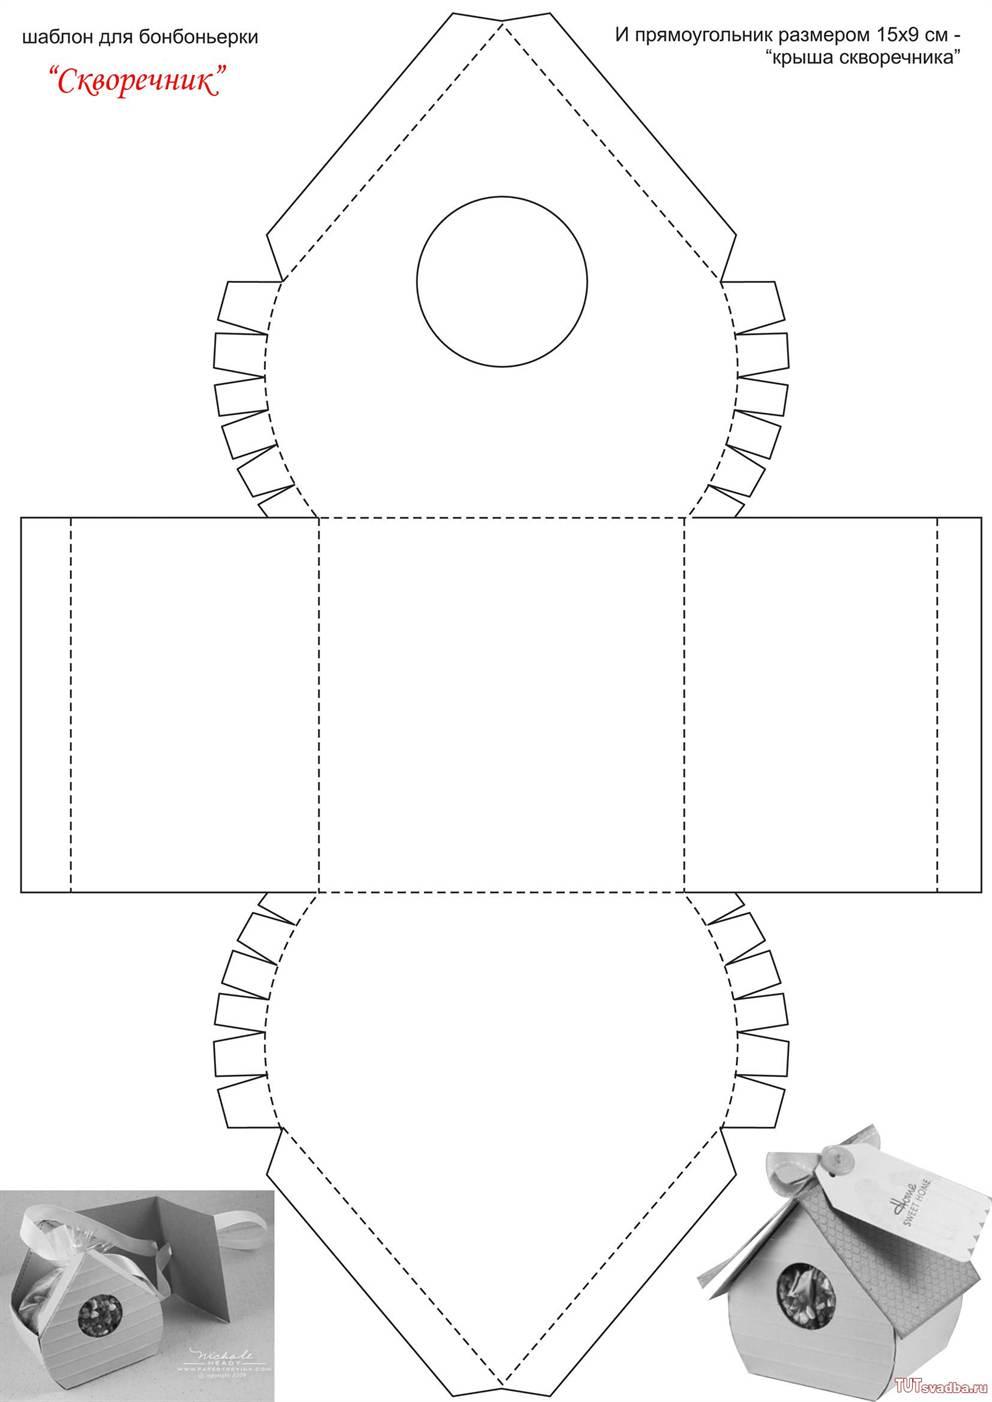 Коробочка из бумаги своими руками шаблоны распечатать 279